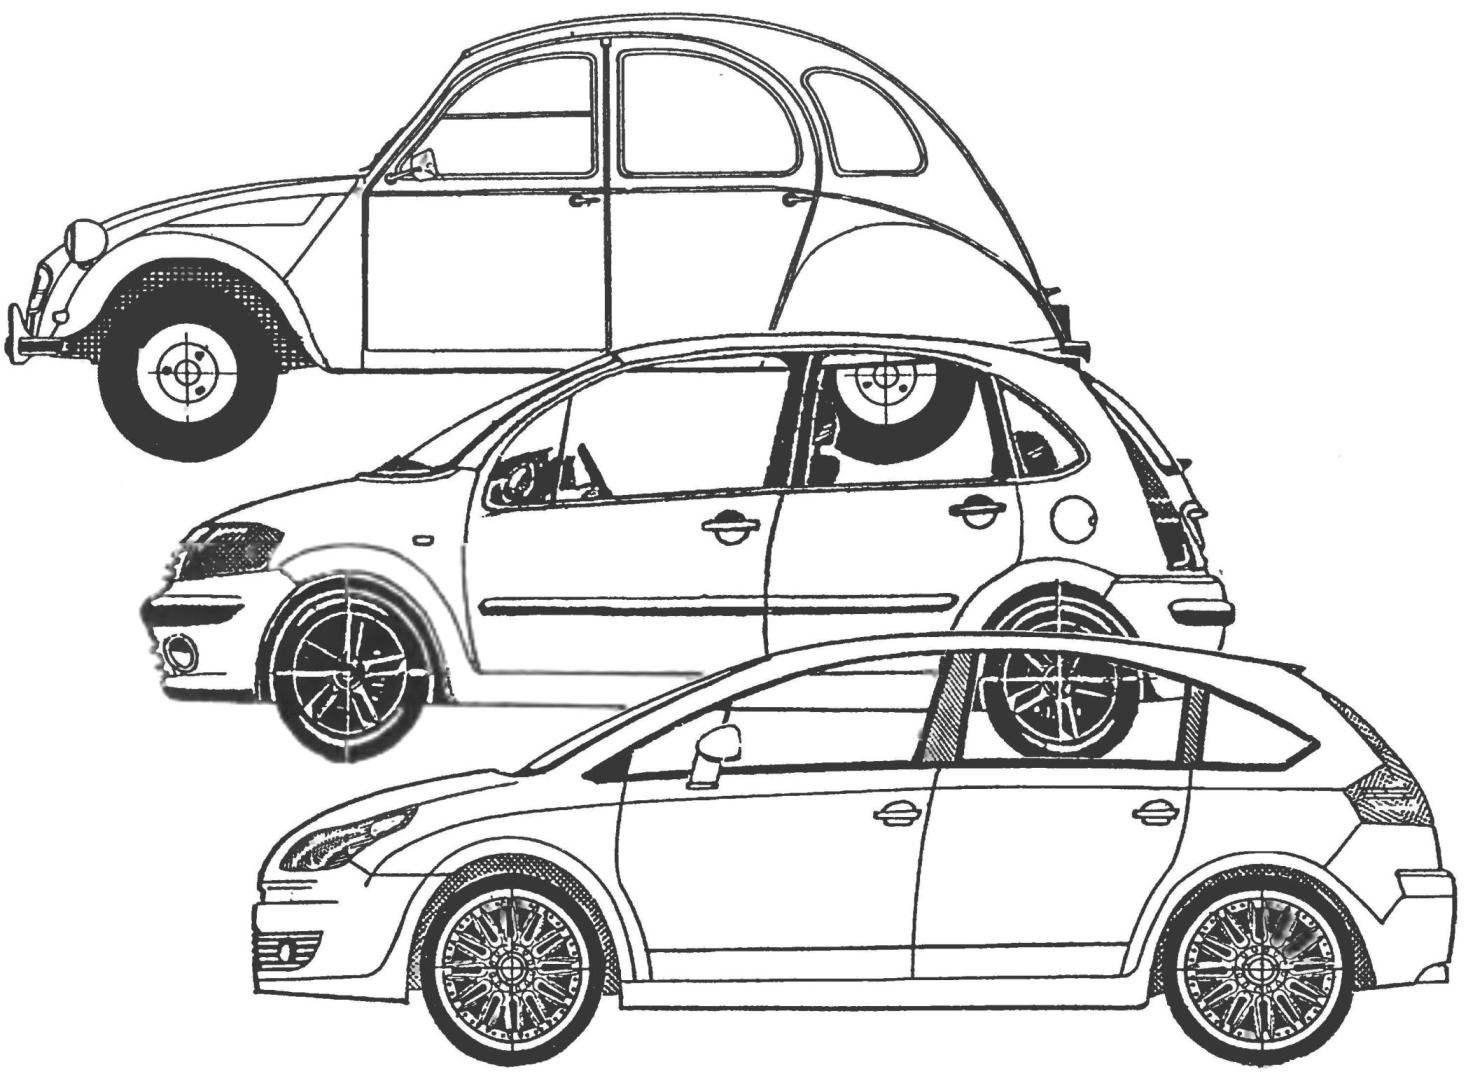 Создание фирменного стиля: от CITROEN 2CV (вверху) и CITROEN С3 (в середине) — к CITROEN С4 (внизу).